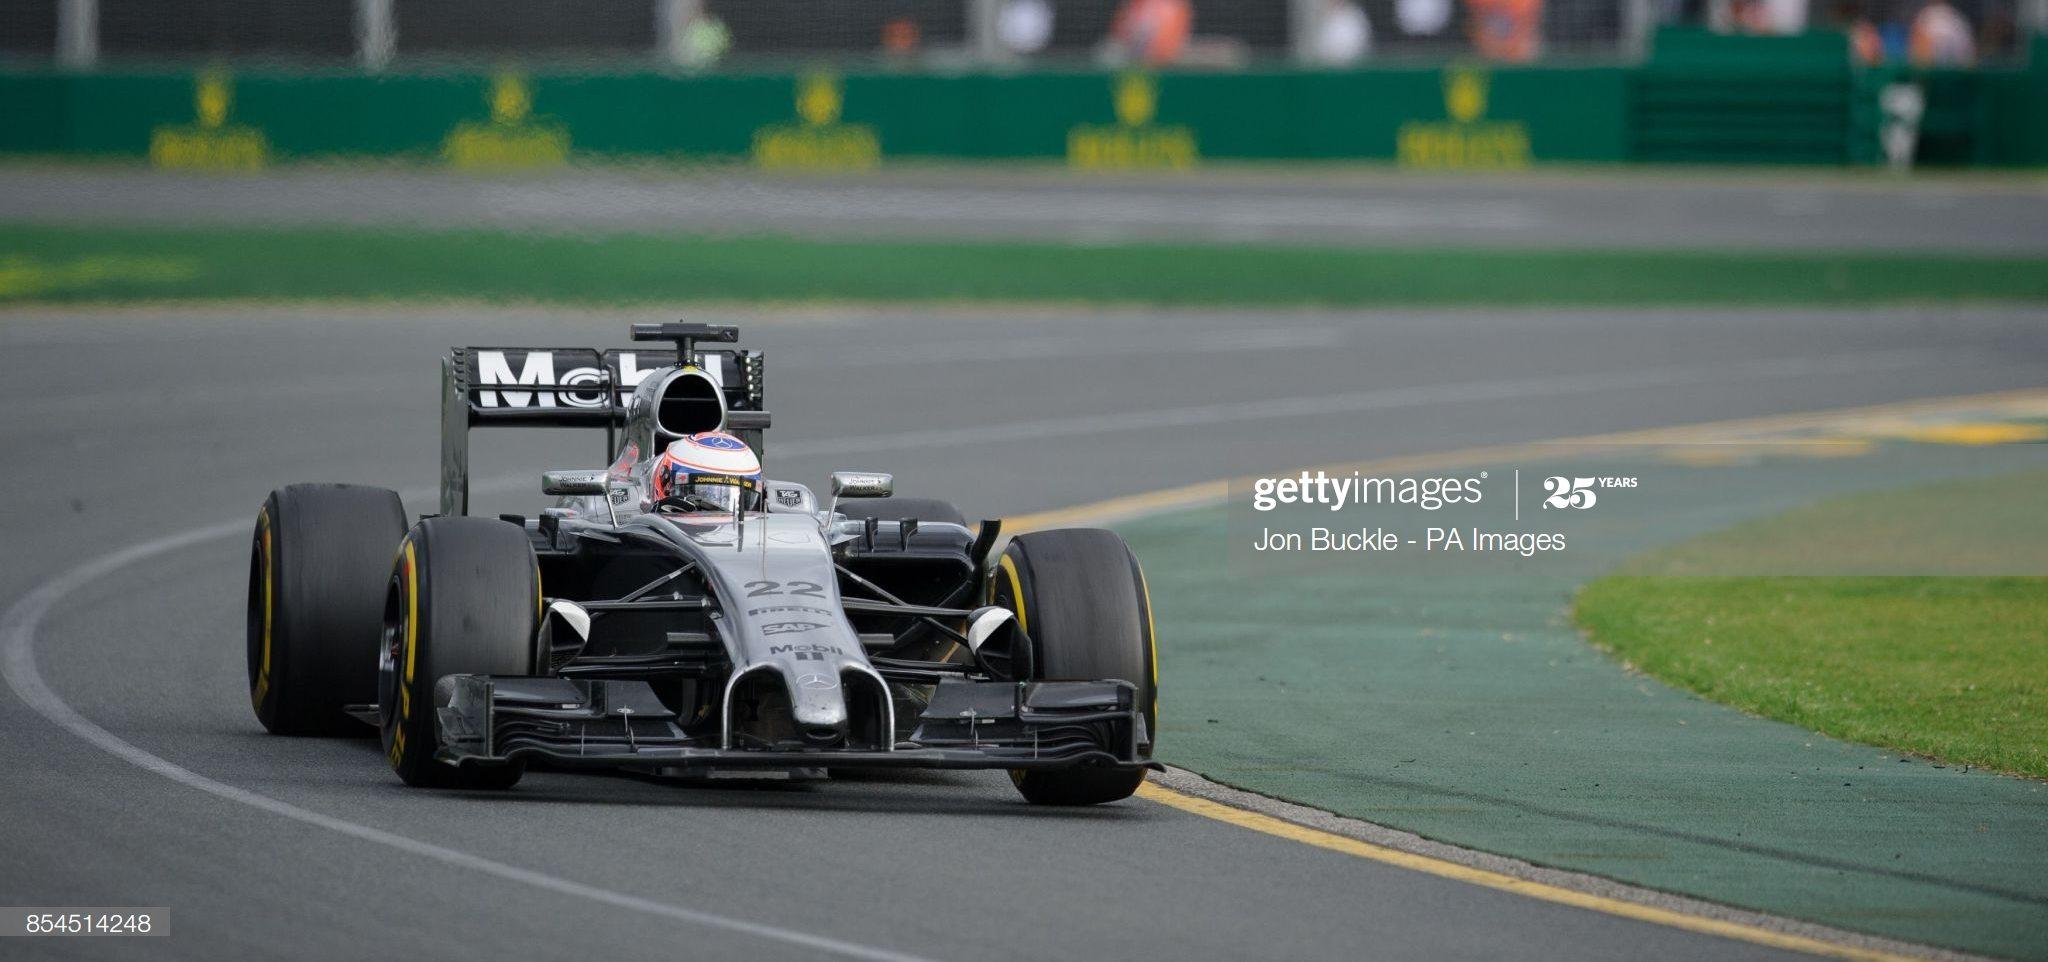 McLaren Mercedes 2014